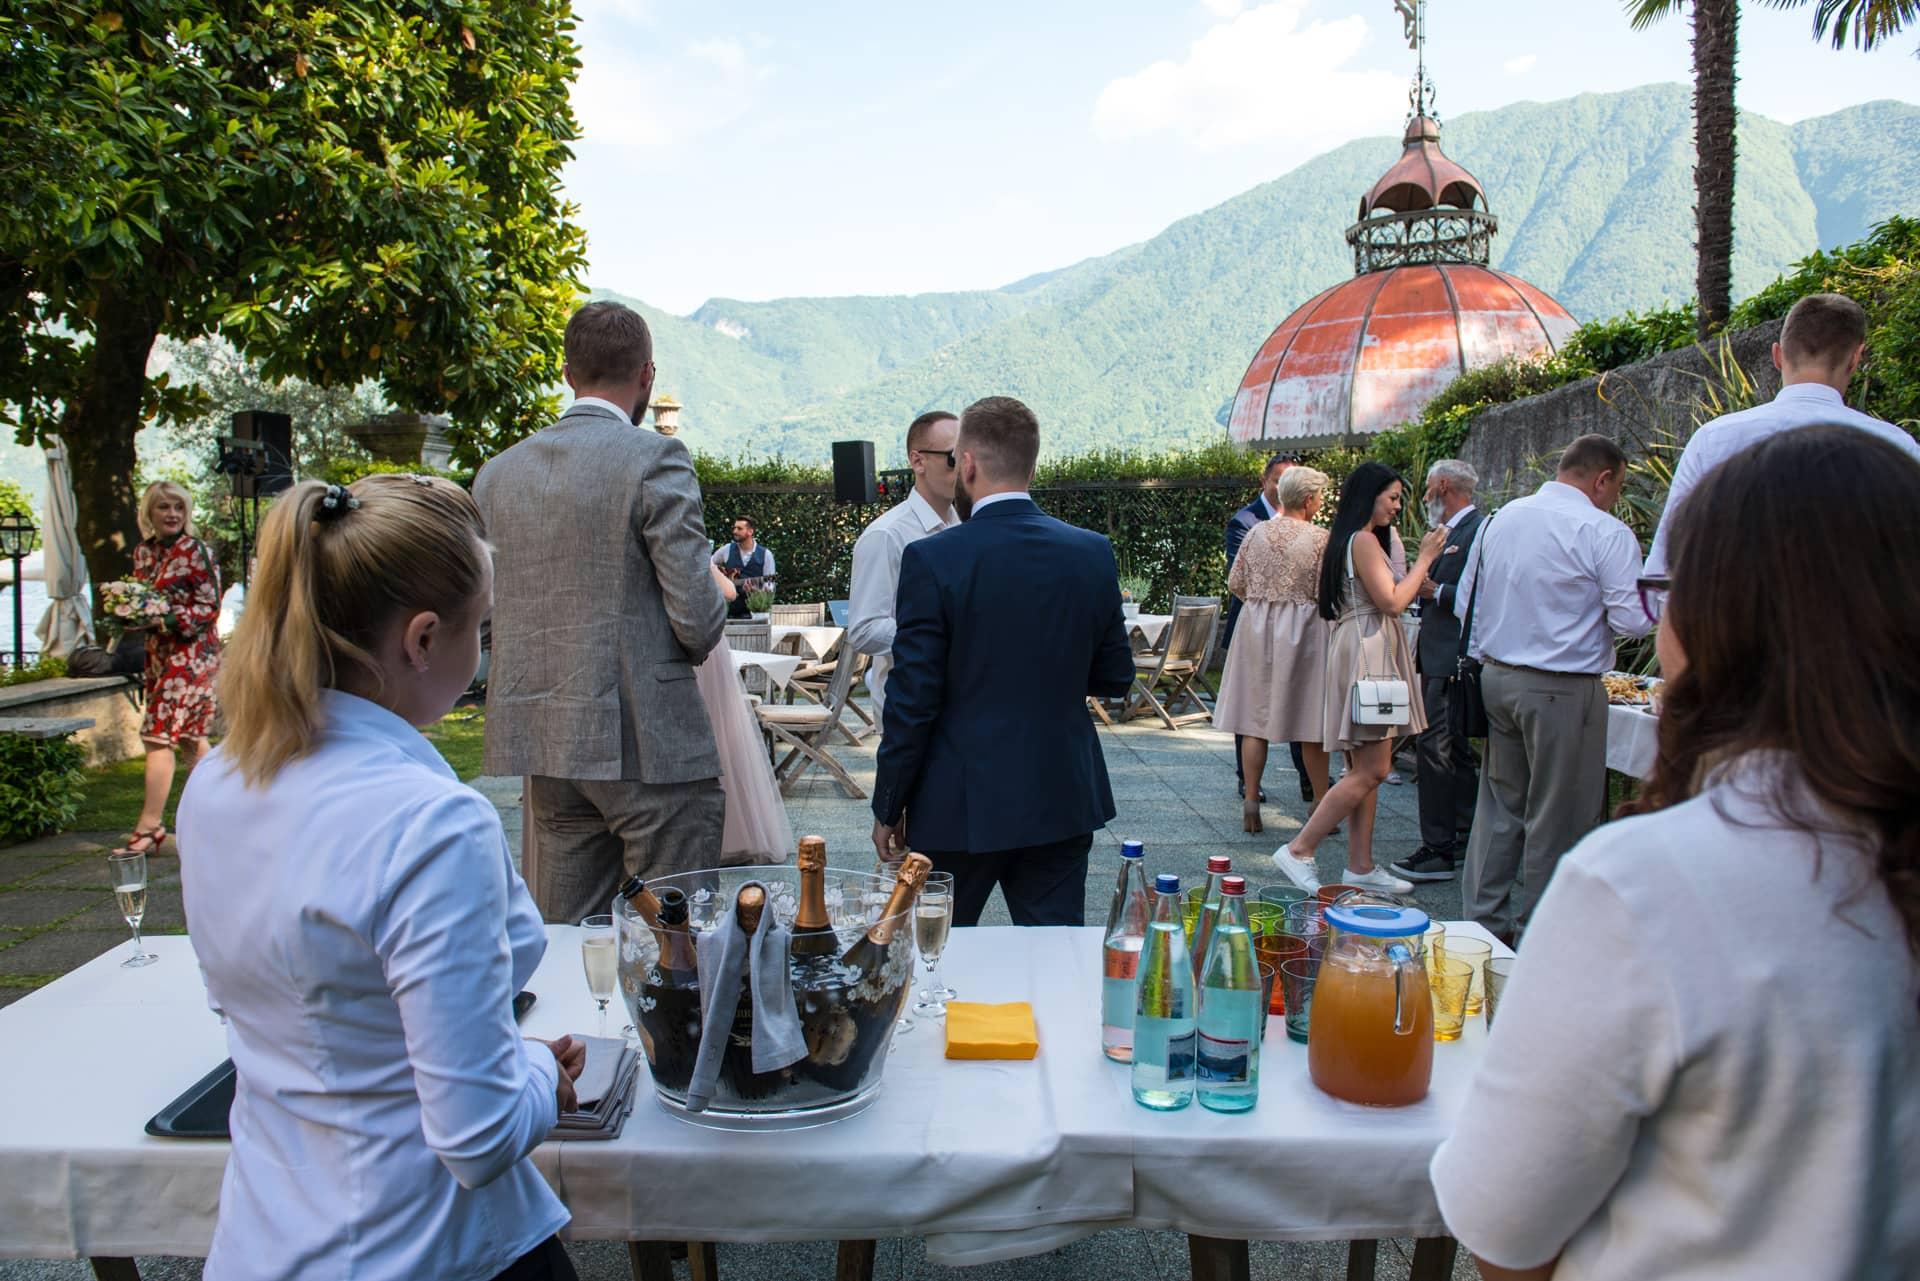 Vilma Wedding and Event Planner_Vilma Rapšaitė_vestuvės užsienyje_aperityvas_Italija_maisto tradicijos_šventės_vestuvių organizatorė_santuokos planuotoja Italijoje